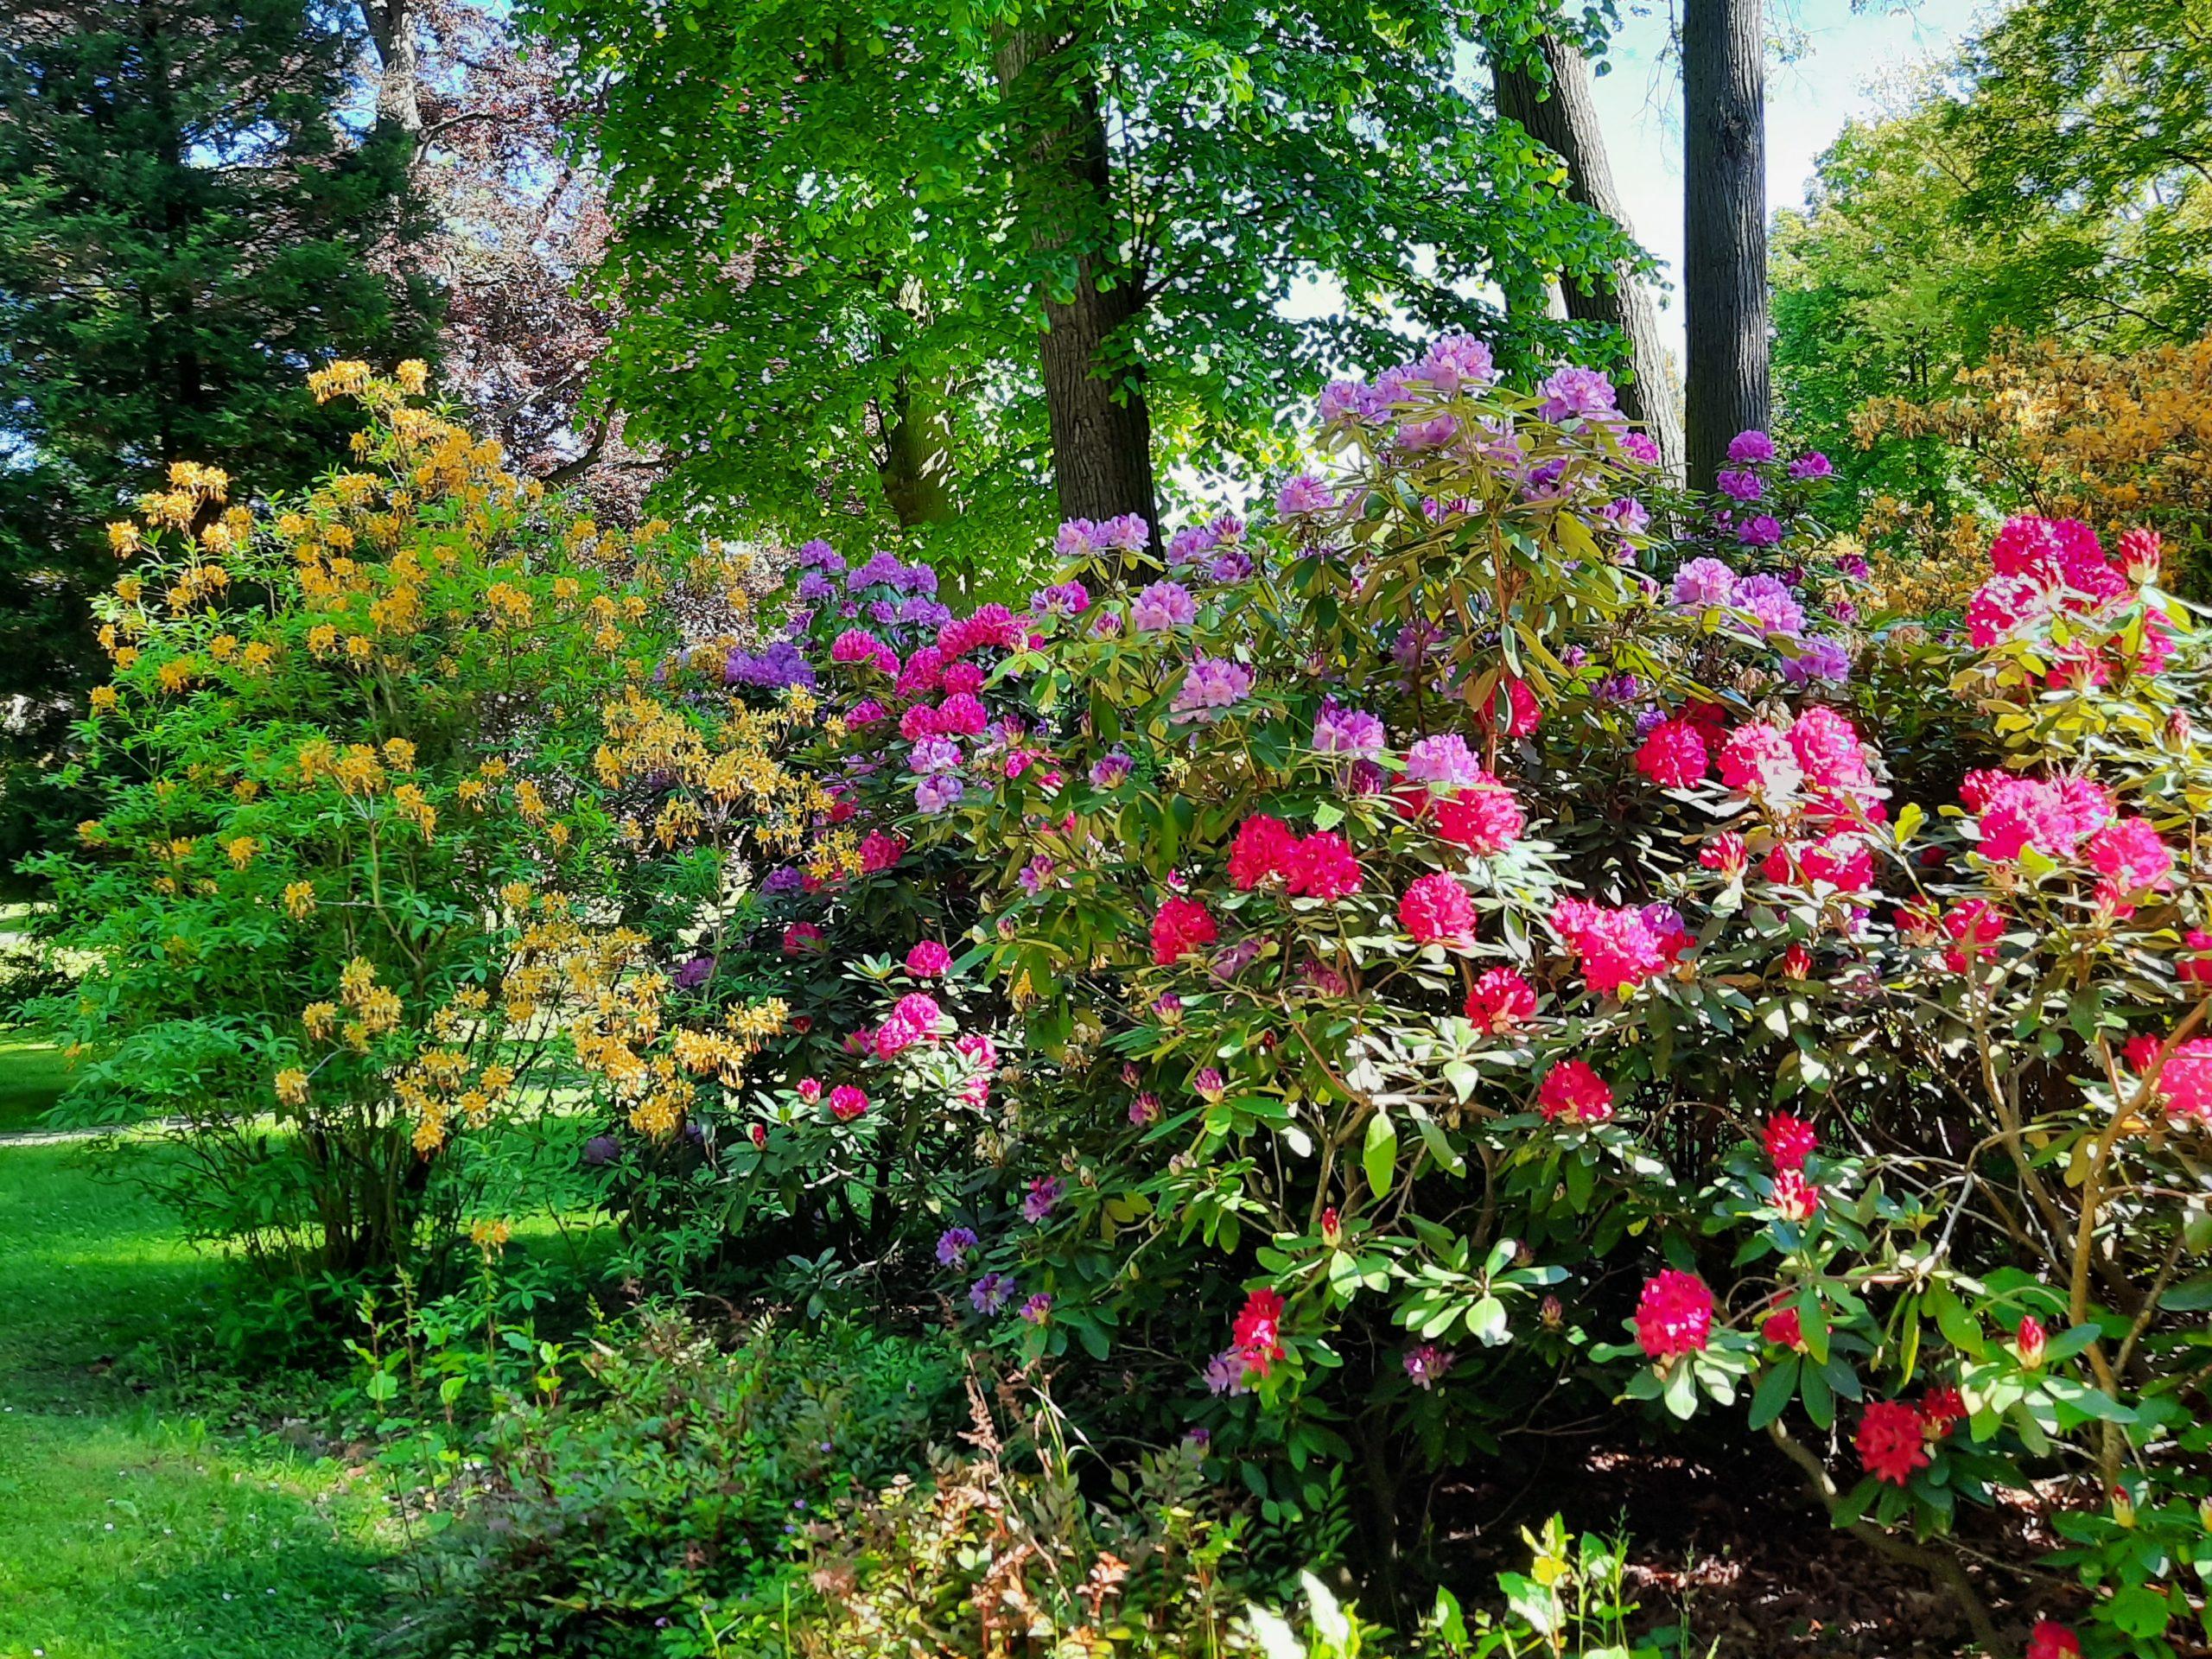 park nectar pond